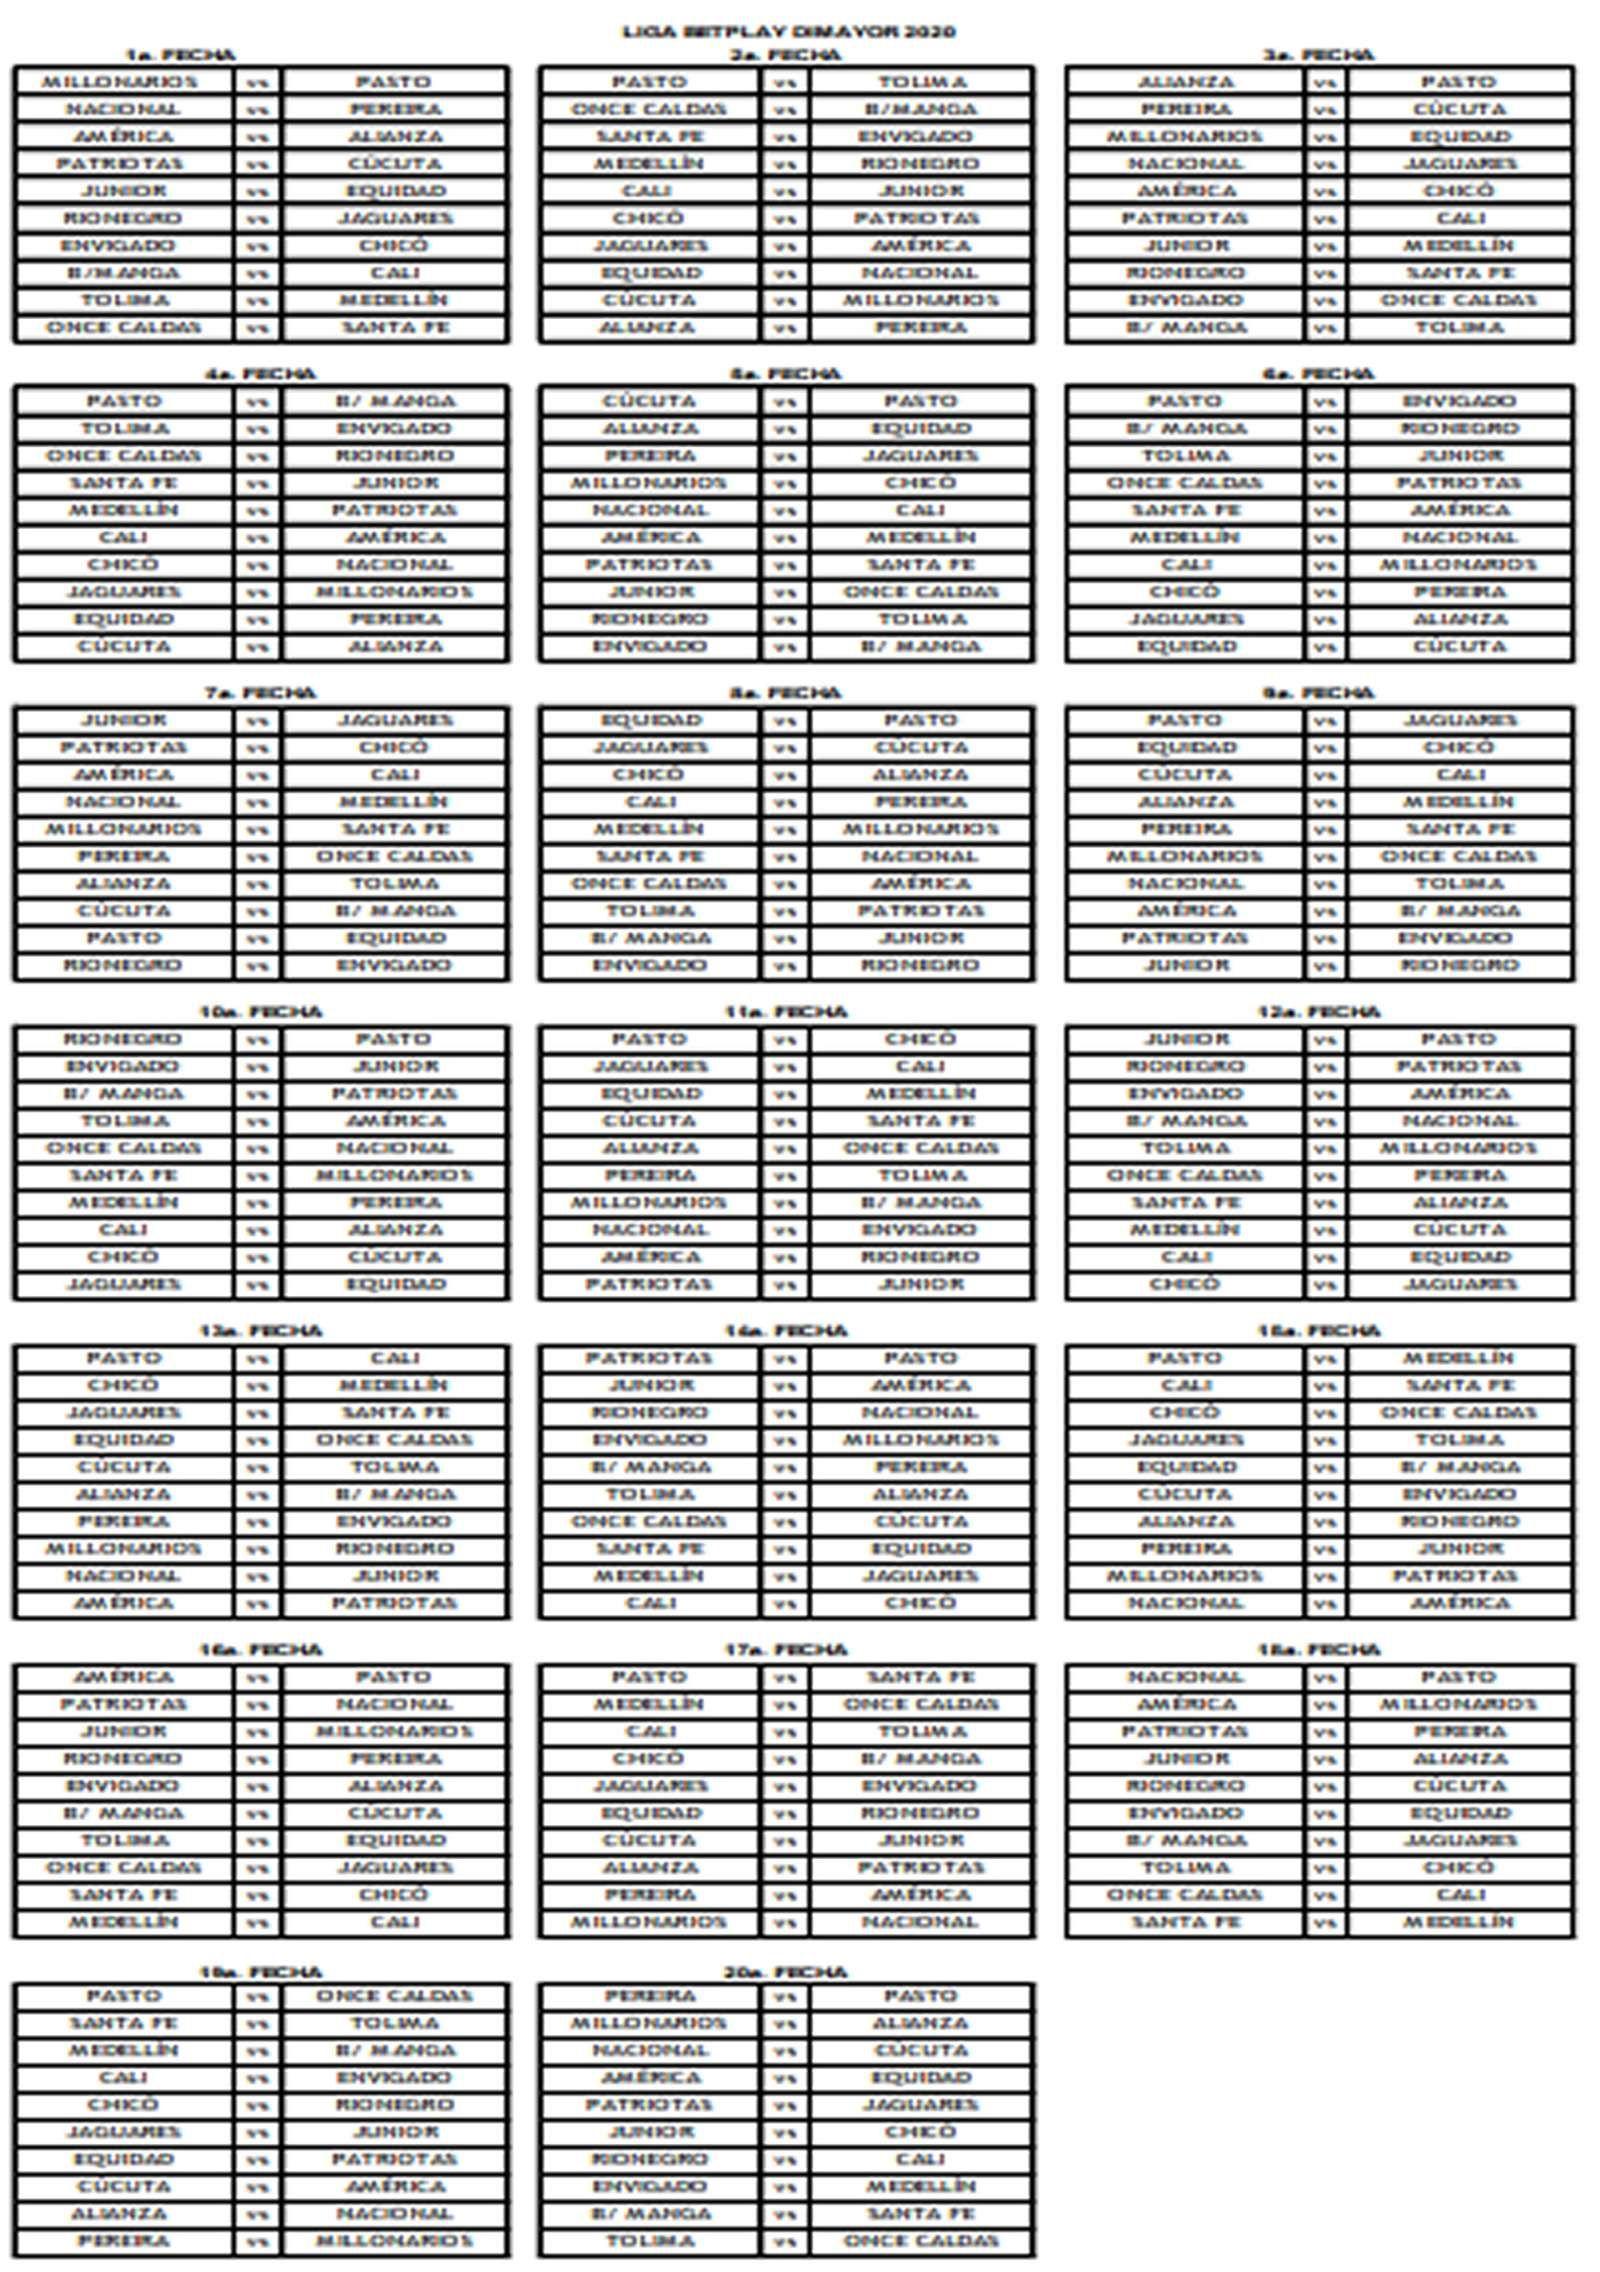 Liga Betplay Dimayor 2020 I Calendario De Partidos De Dimayor Goal Com En 2020 Calendario De Partidos Calendario America De Cali